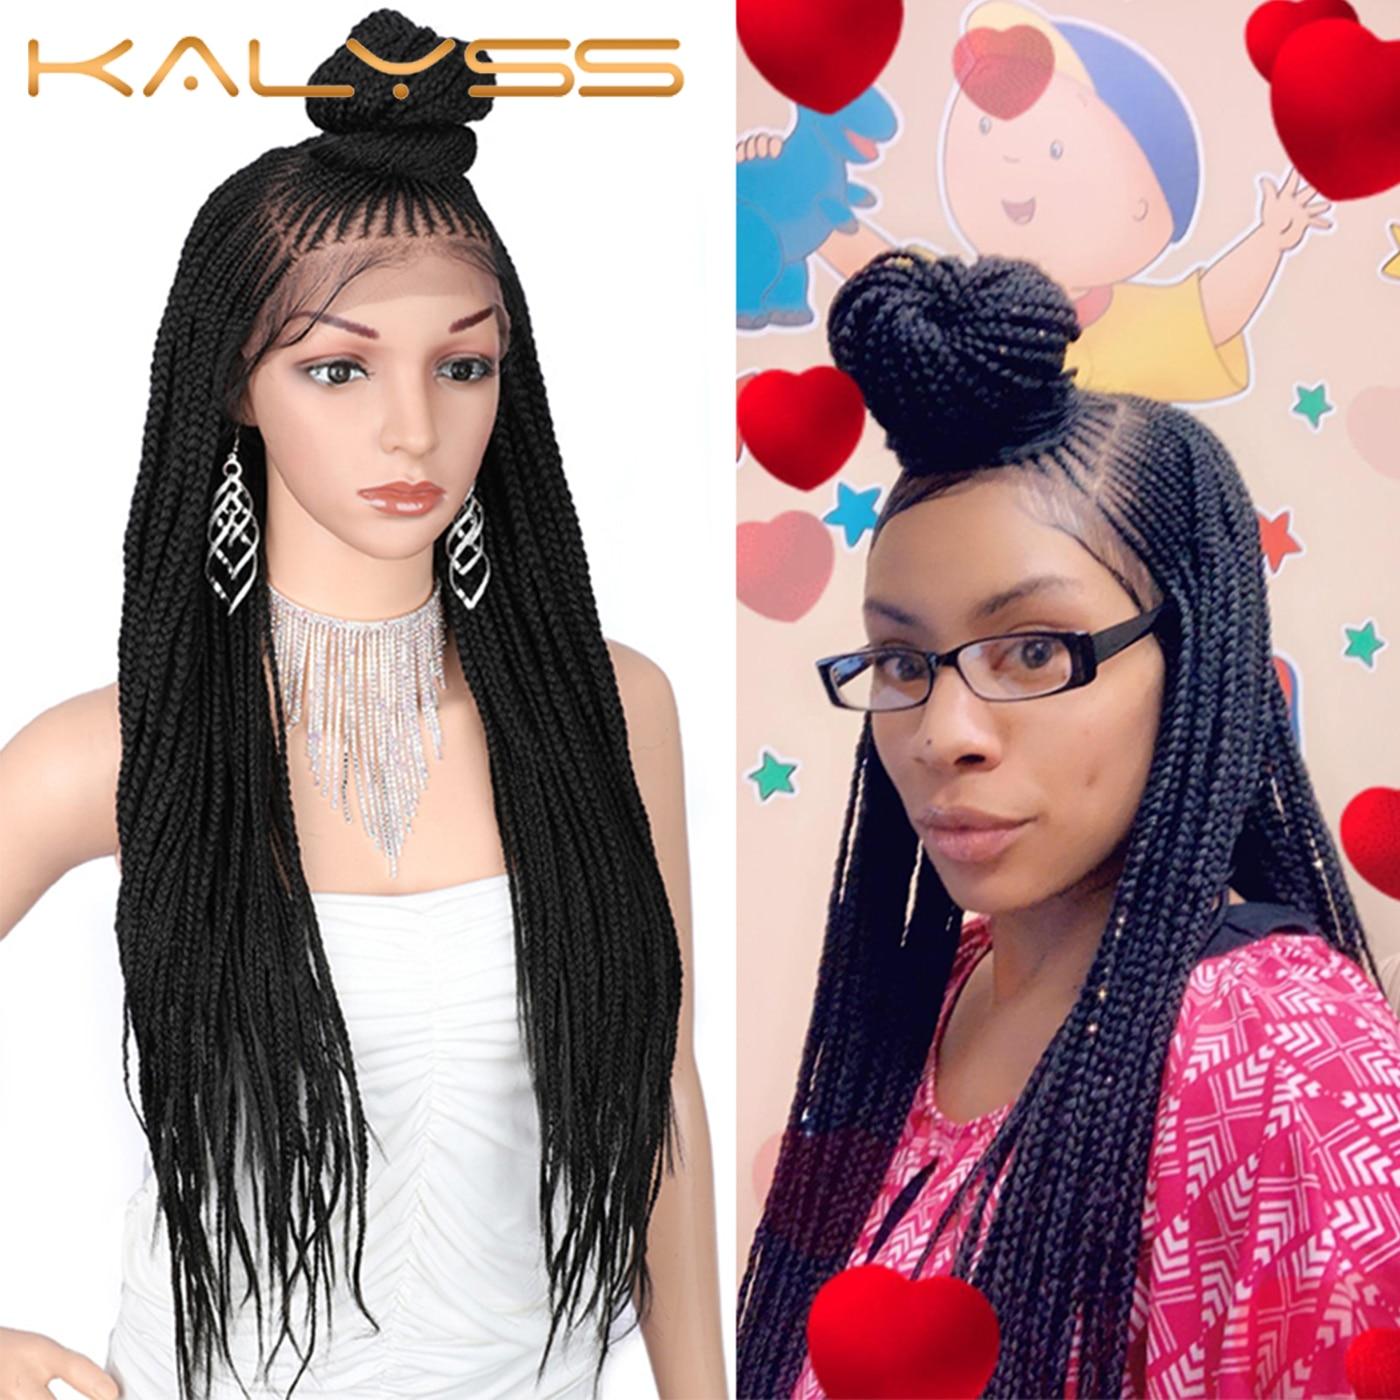 Kaylss 30 pouces 13x7 tressé perruques synthétique Lace Front perruque Updo tressé perruques avec des cheveux de bébé pour les femmes noires Cornrow tressé perruque